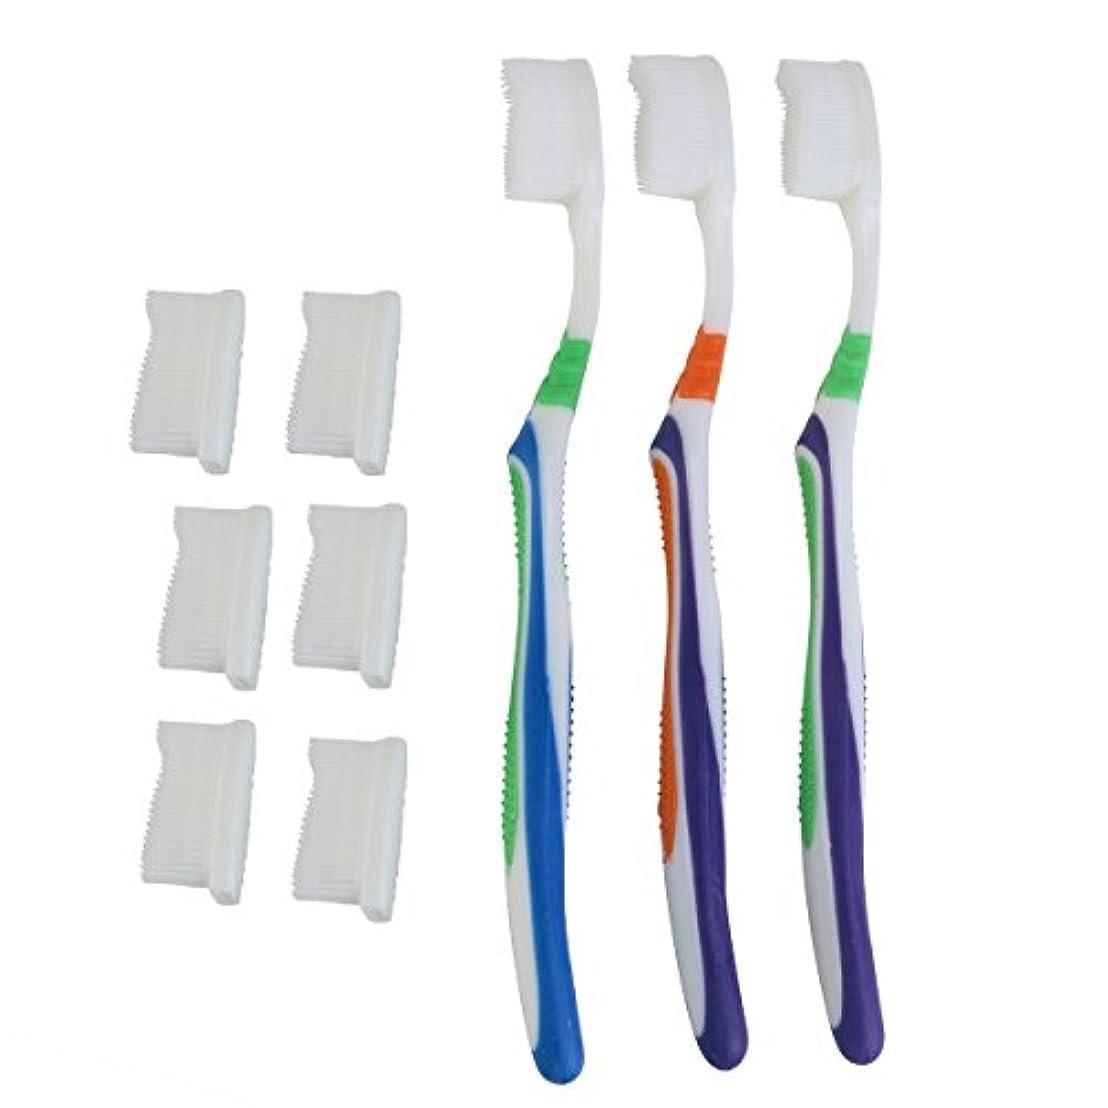 層ちなみに焦げTOPBATHY 子供と大人のための歯ブラシの頭の代わりとなる柔らかい歯ブラシ(ランダムカラー)